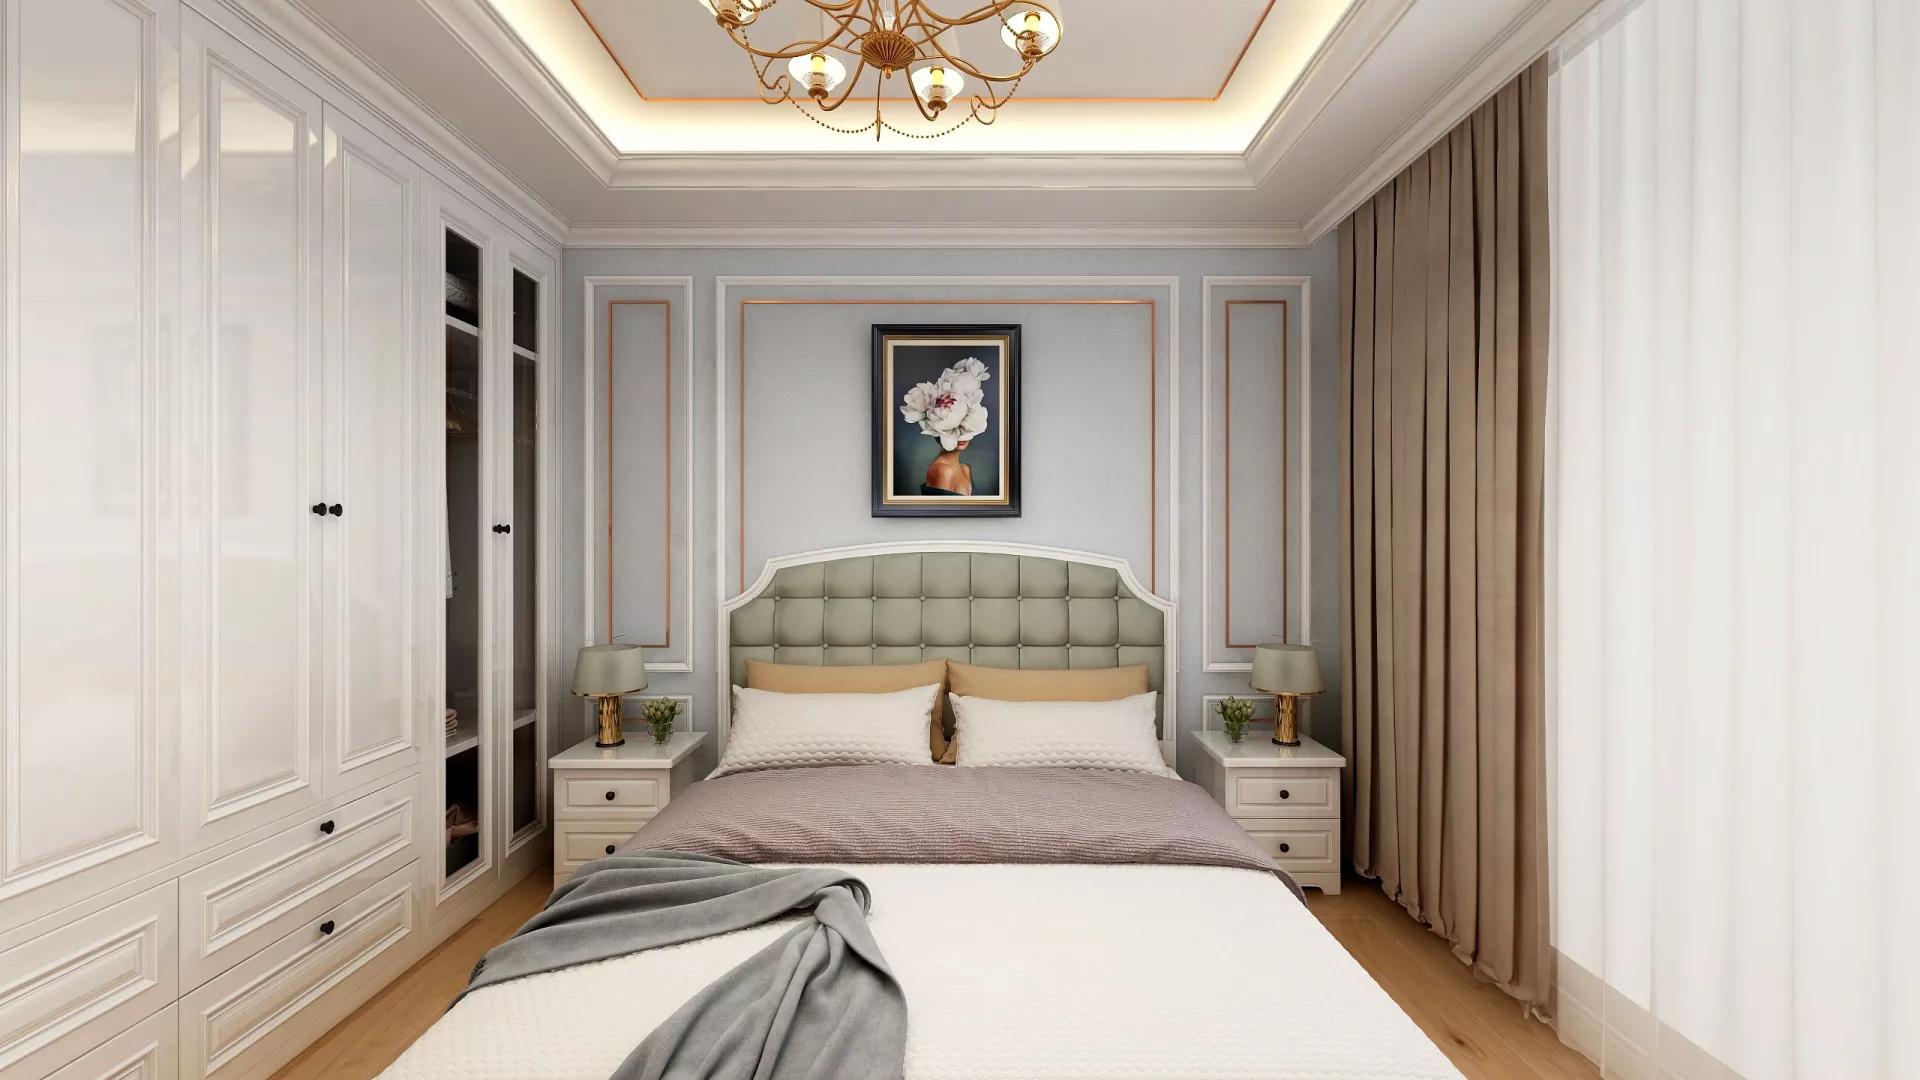 客厅瓷砖选大的还是选小的好 客厅瓷砖的大小选择